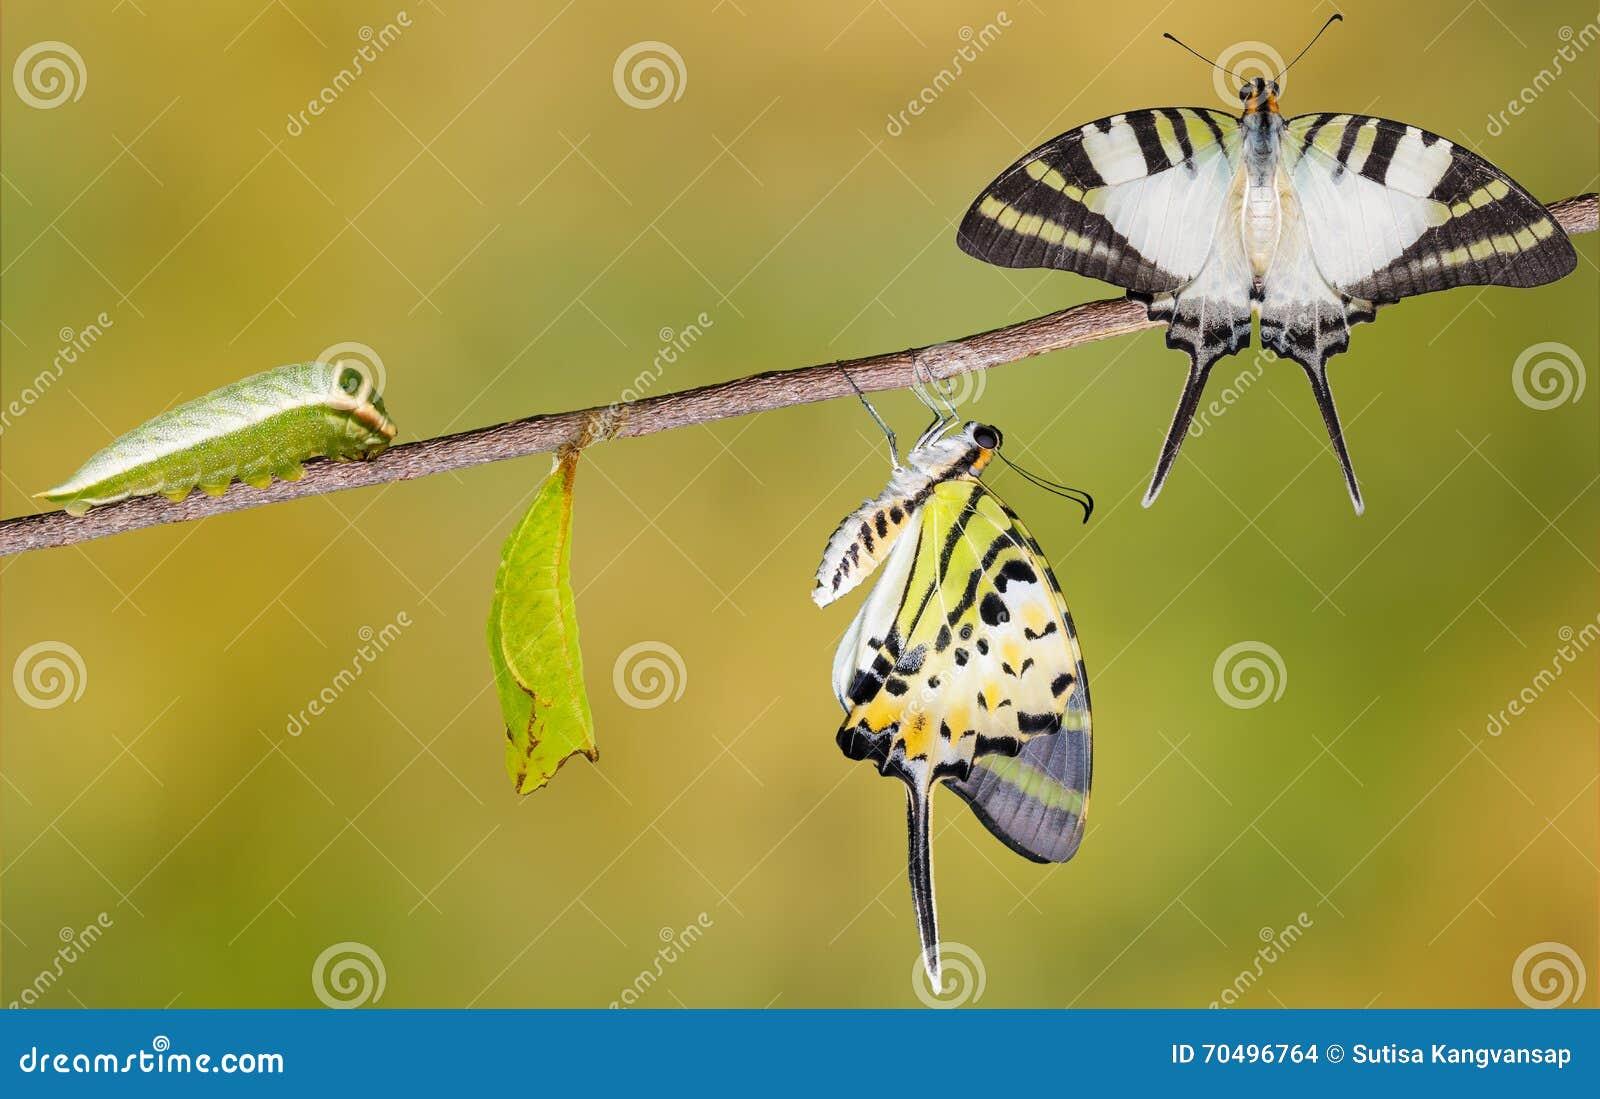 För swordtailfjäril för fem stång cirkulering för liv